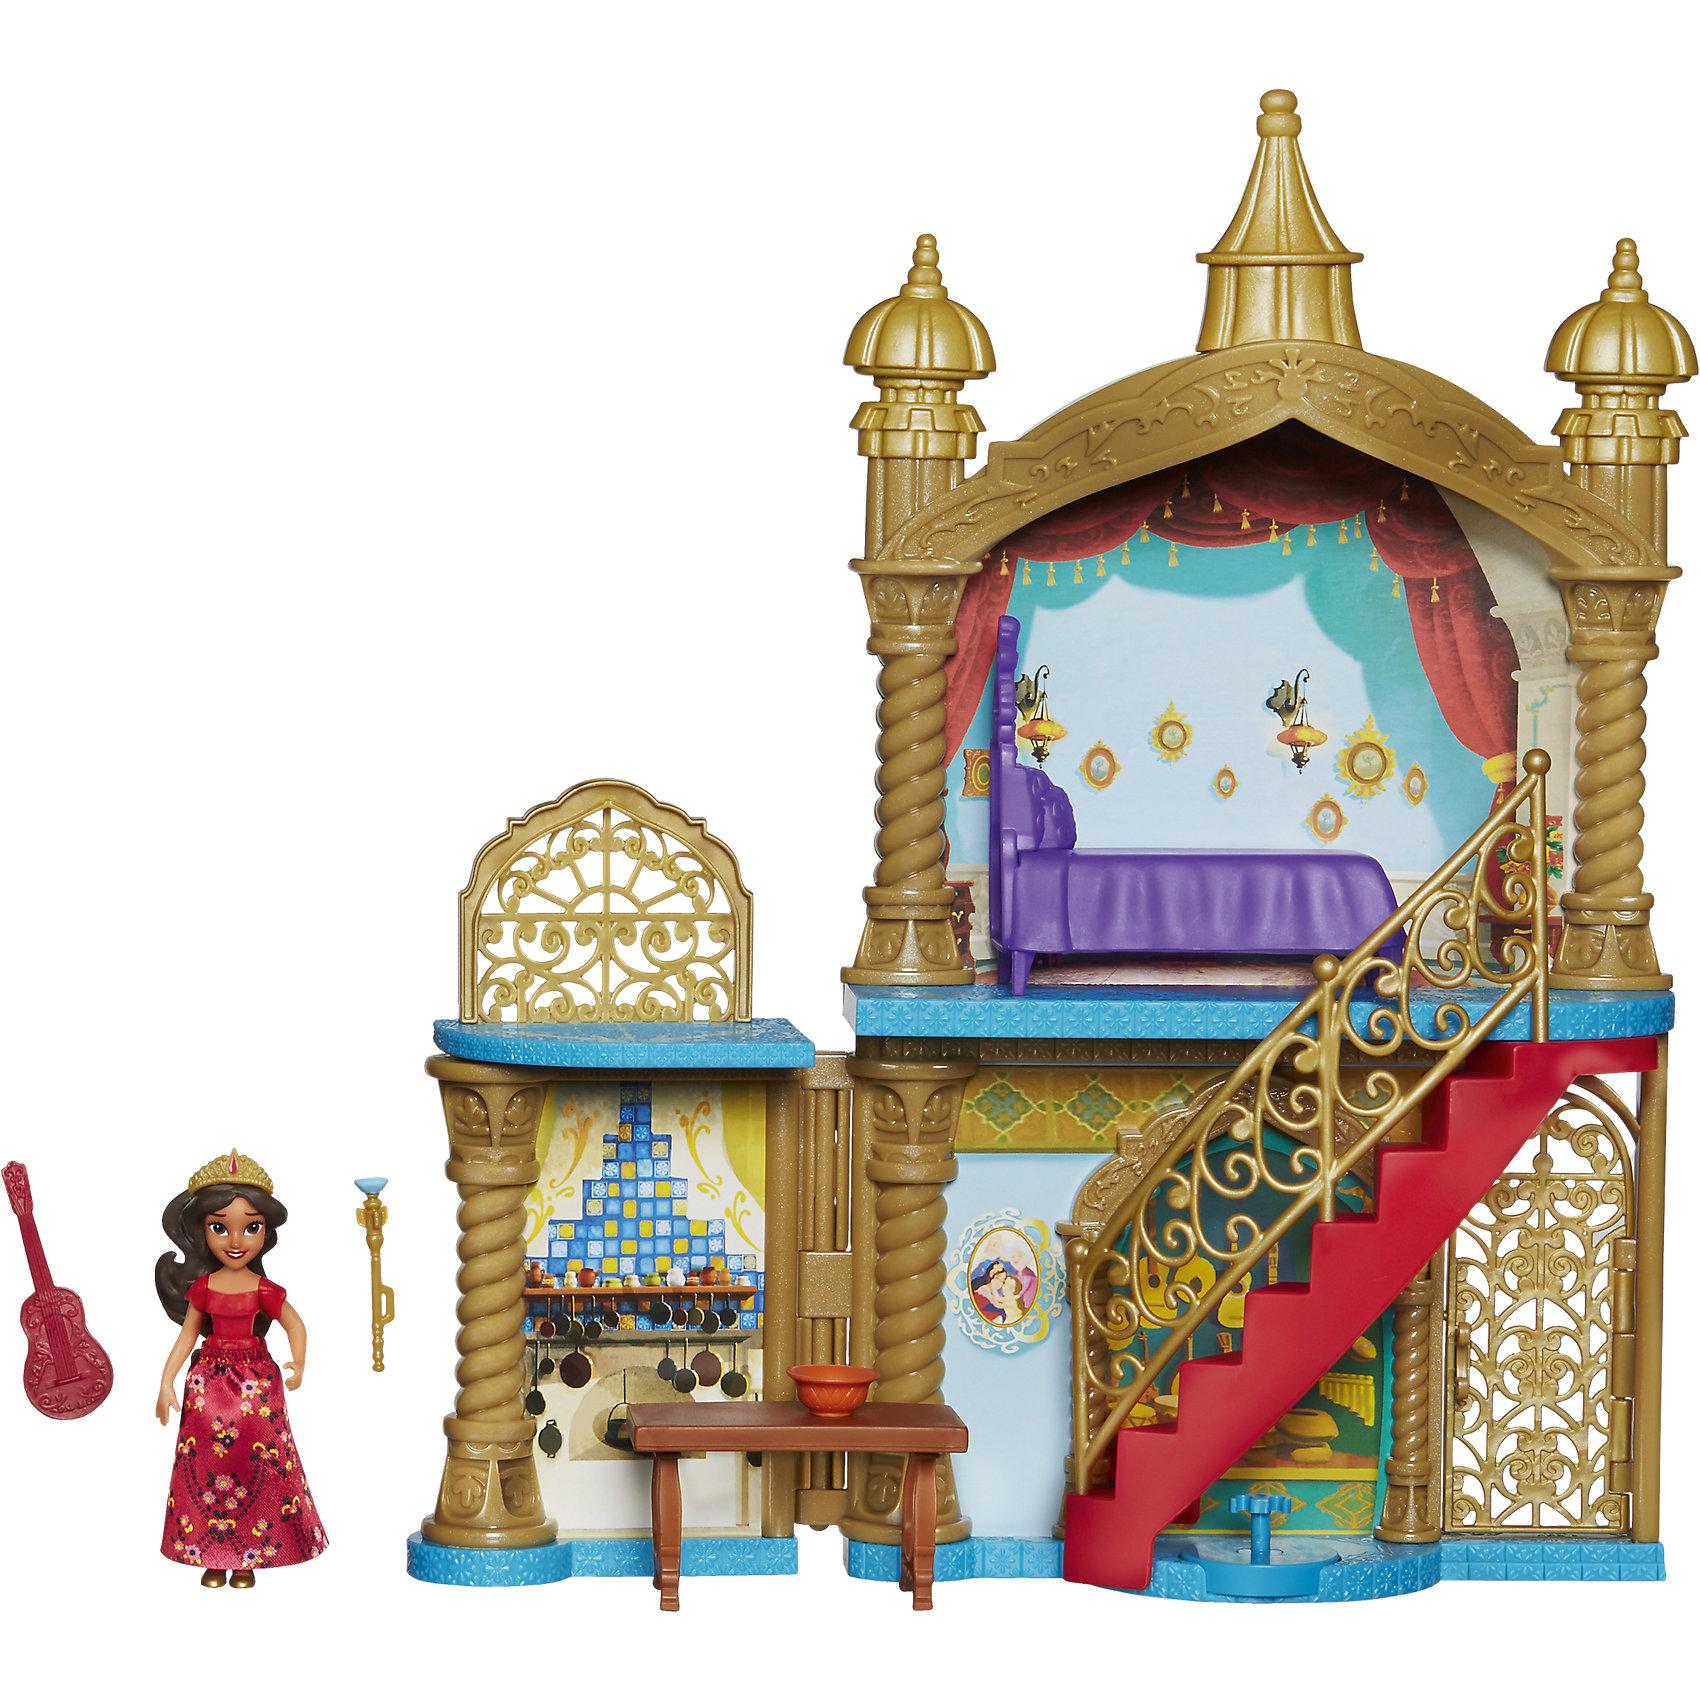 RU Игровой набор замок маленькие куклы Елена – принцесса АвалораКуклы<br><br><br>Ширина мм: 312<br>Глубина мм: 309<br>Высота мм: 81<br>Вес г: 575<br>Возраст от месяцев: 48<br>Возраст до месяцев: 84<br>Пол: Женский<br>Возраст: Детский<br>SKU: 6898154